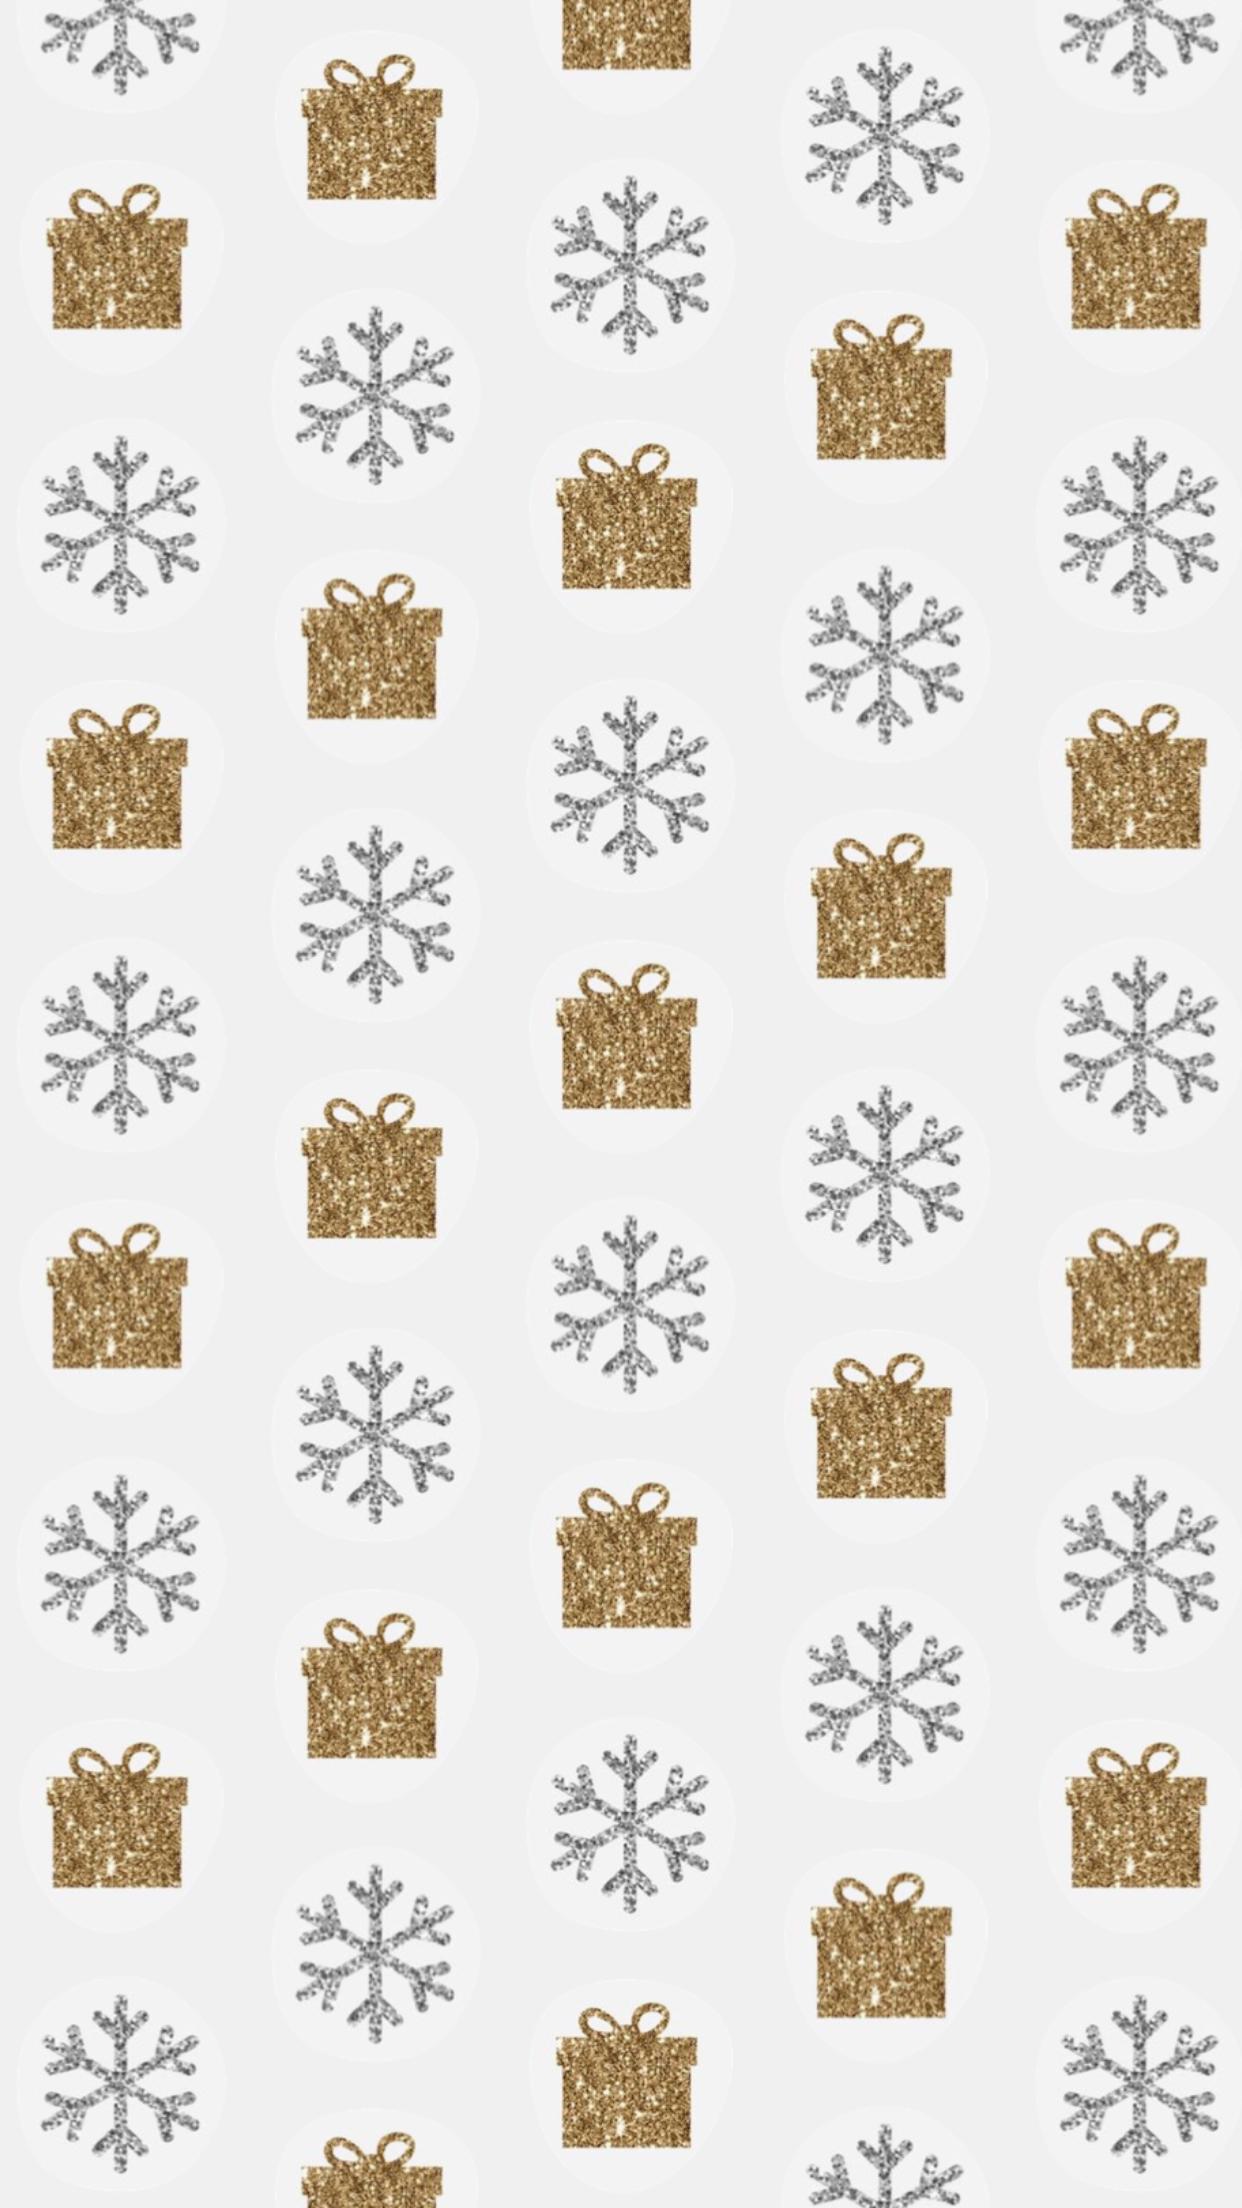 Wallpaper De Noel Fond Avec Flocons Et Cadeaux Fond D Ecran De Noel Pour Mobile Iphone Cute Christmas Wallpaper Xmas Wallpaper Christmas Wallpaper